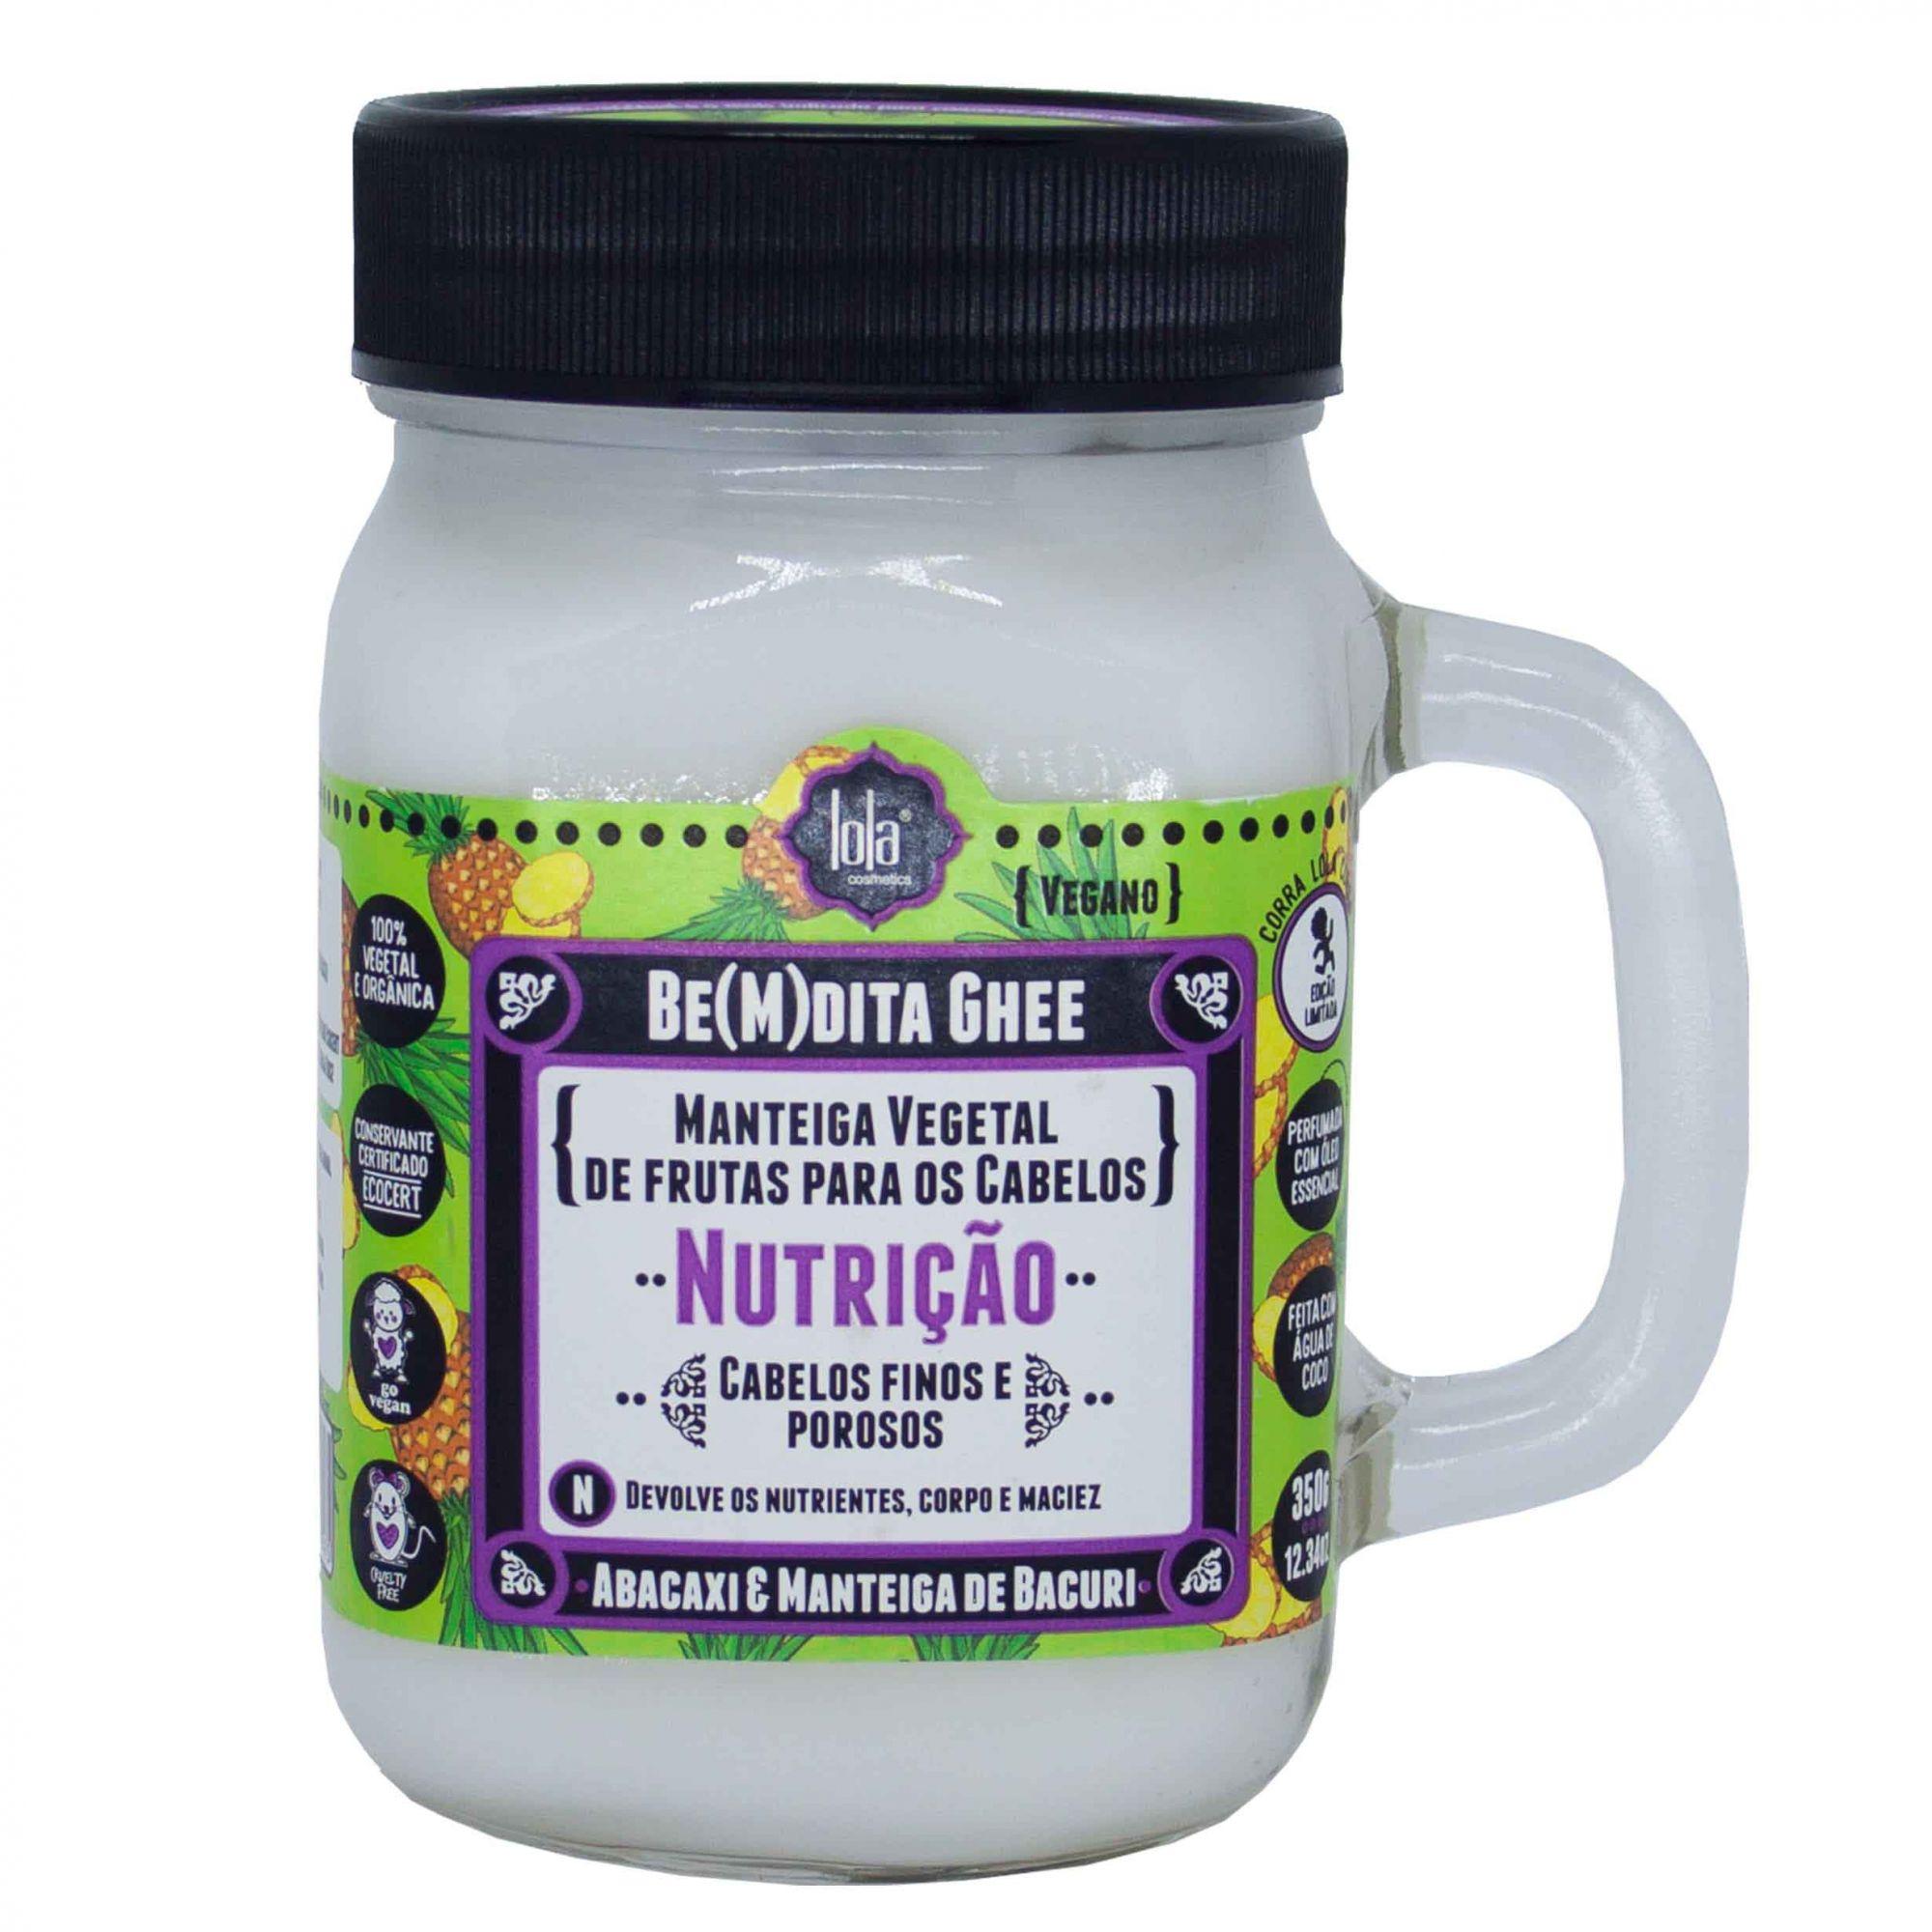 Be(M)dita Ghee Hidratação Banana e Aloe Vera 350g - Lola Cosmetics | Tamanho 350g